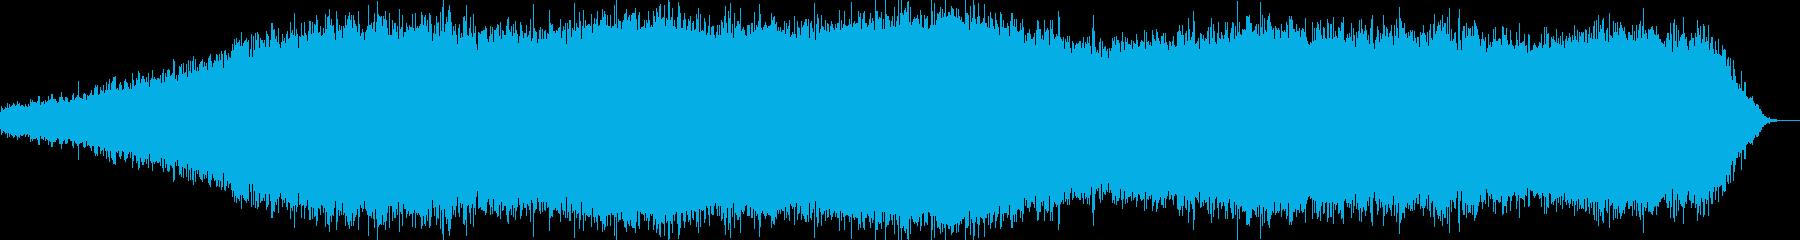 リラックスムードのアンビエントの再生済みの波形